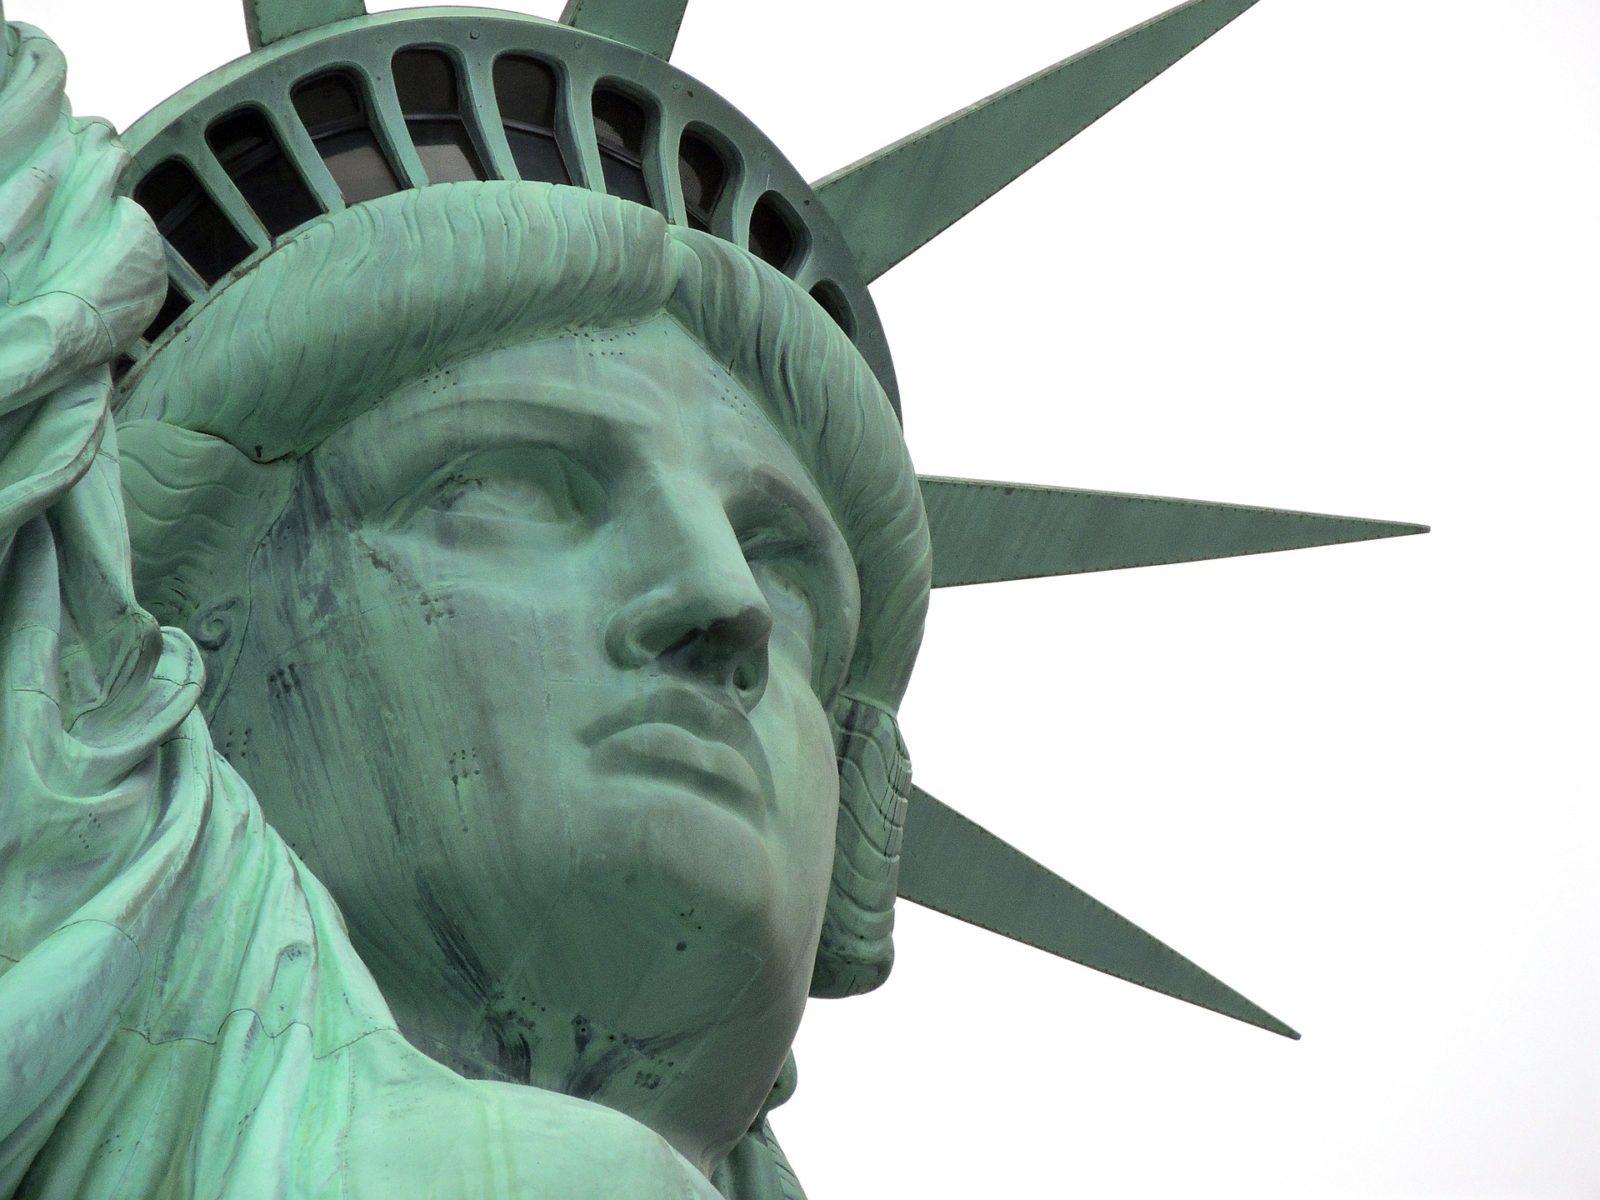 statue-2148396_1920